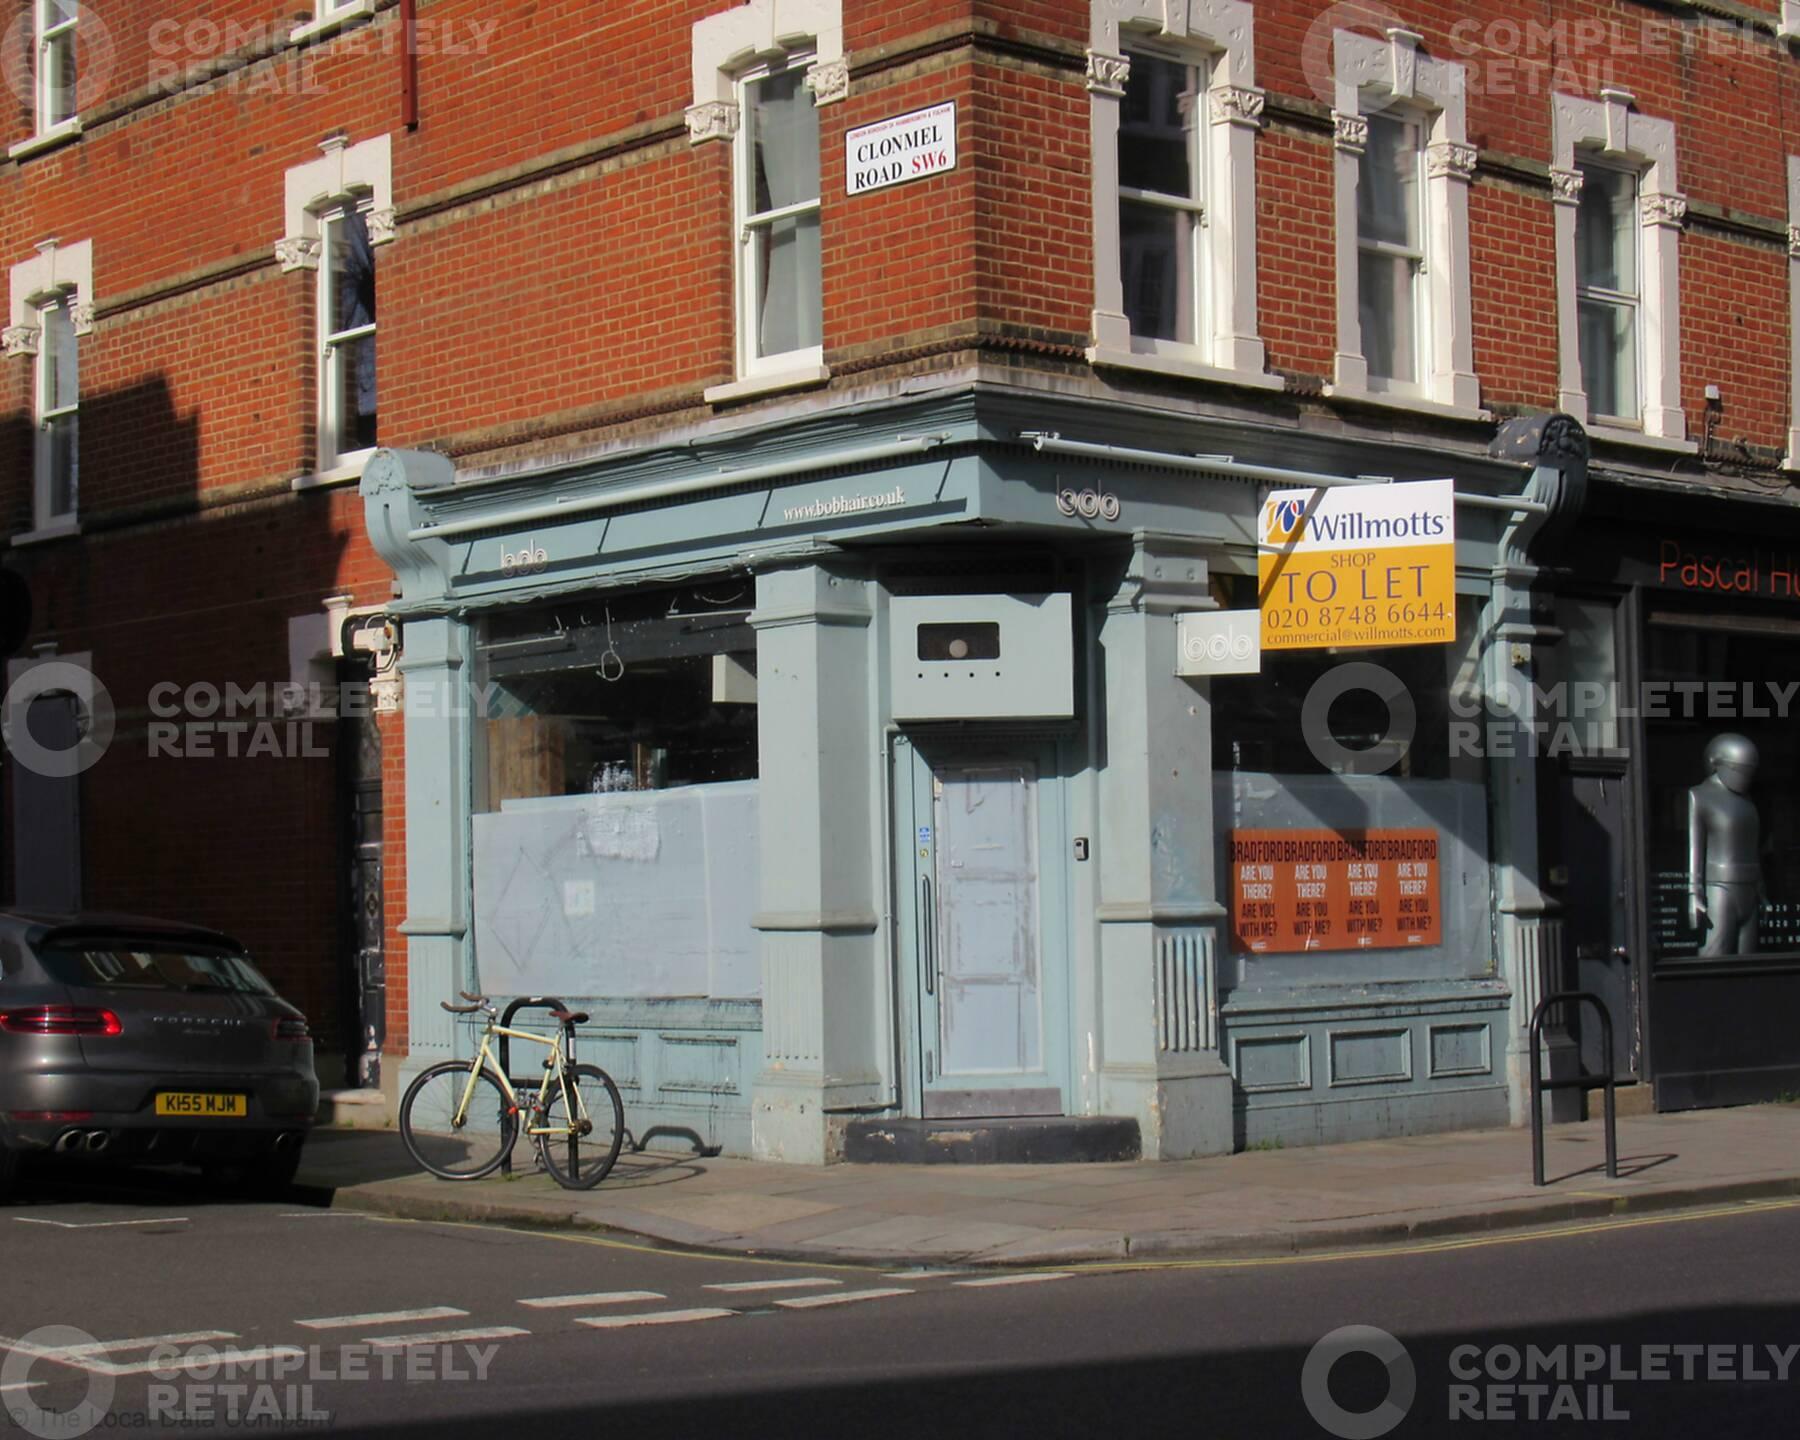 602 Fulham Road